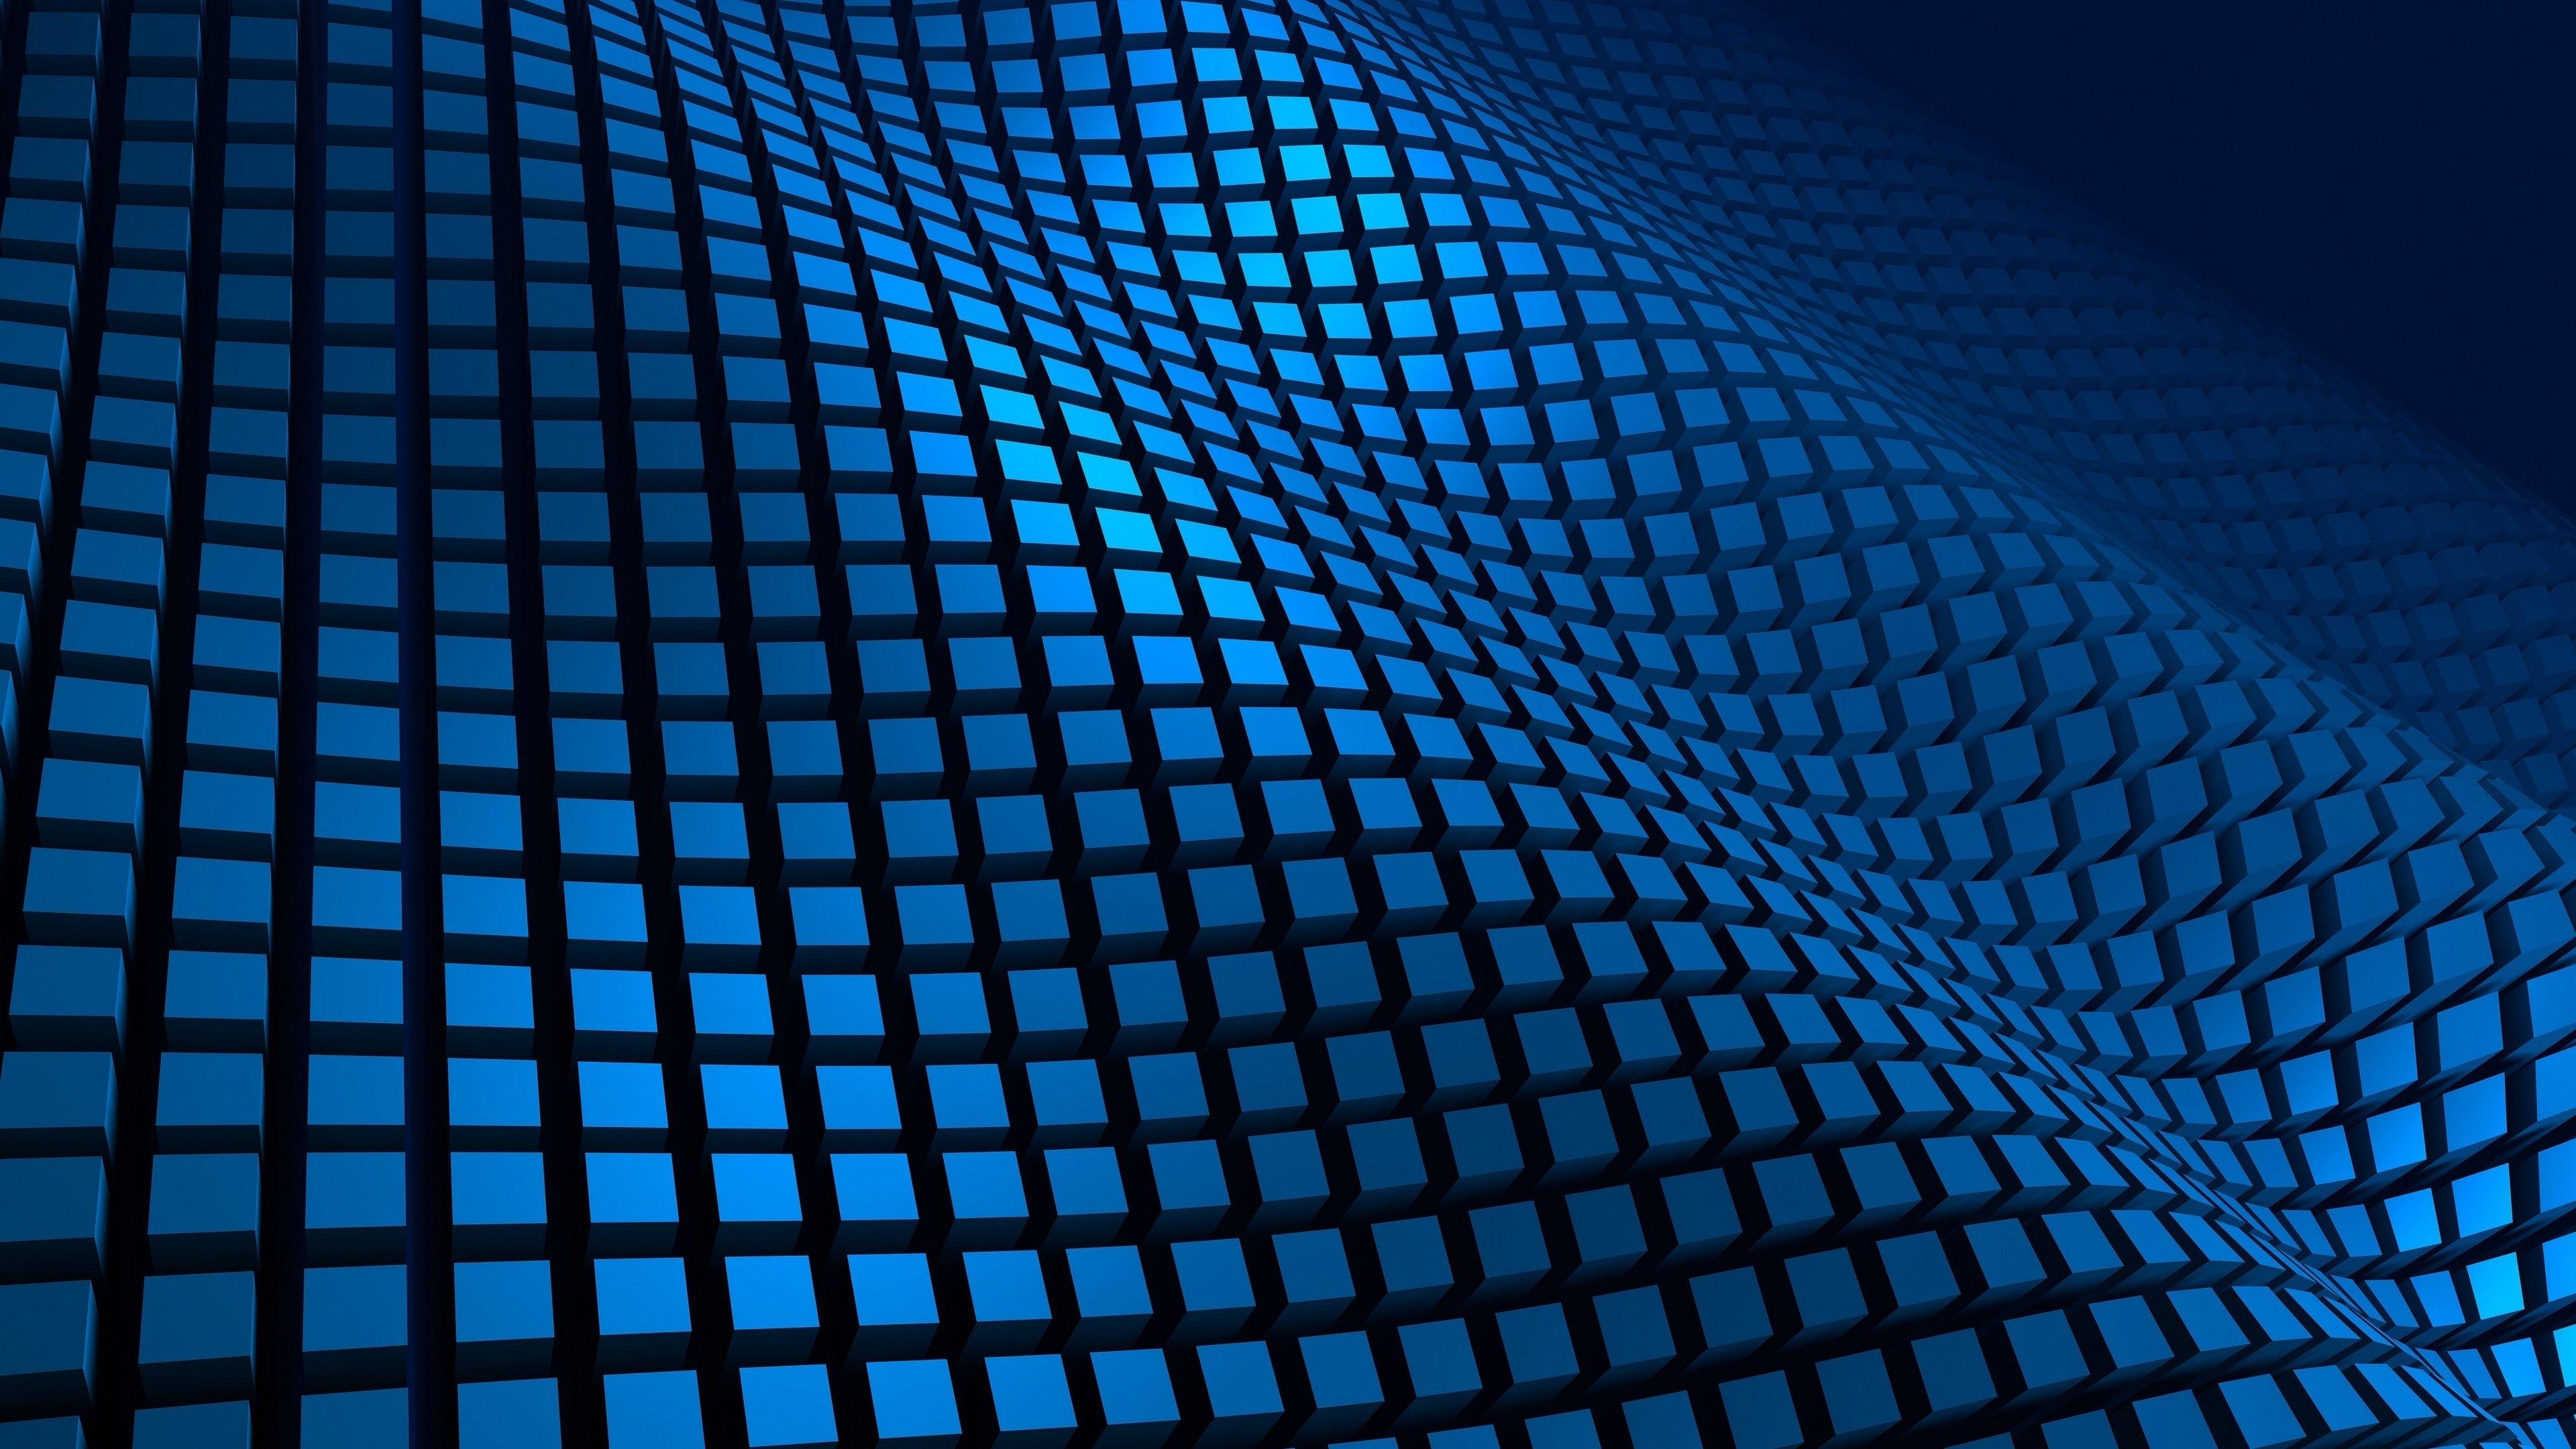 Fondos de pantalla Ondas a cuadros azules 3D